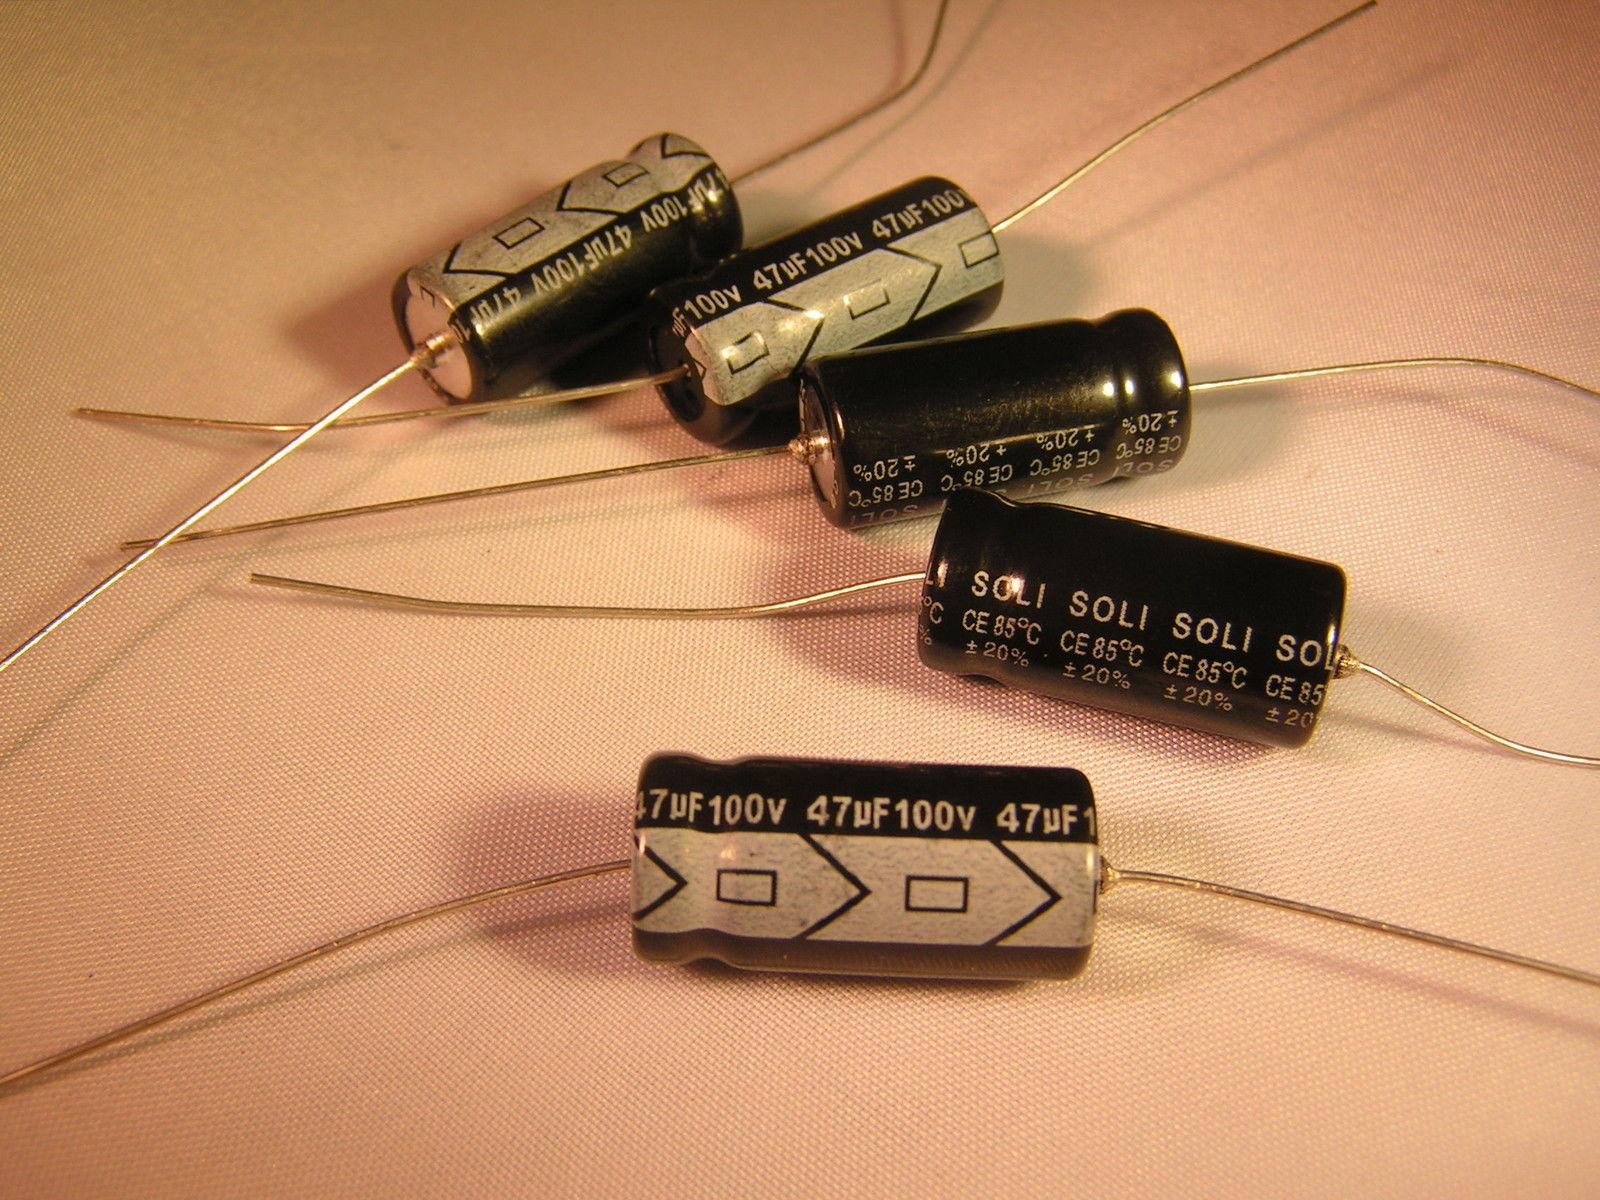 5x Condensateur électrolytique chimique 22µF 100V THT 85°C 2000h Ø8x16mm axial